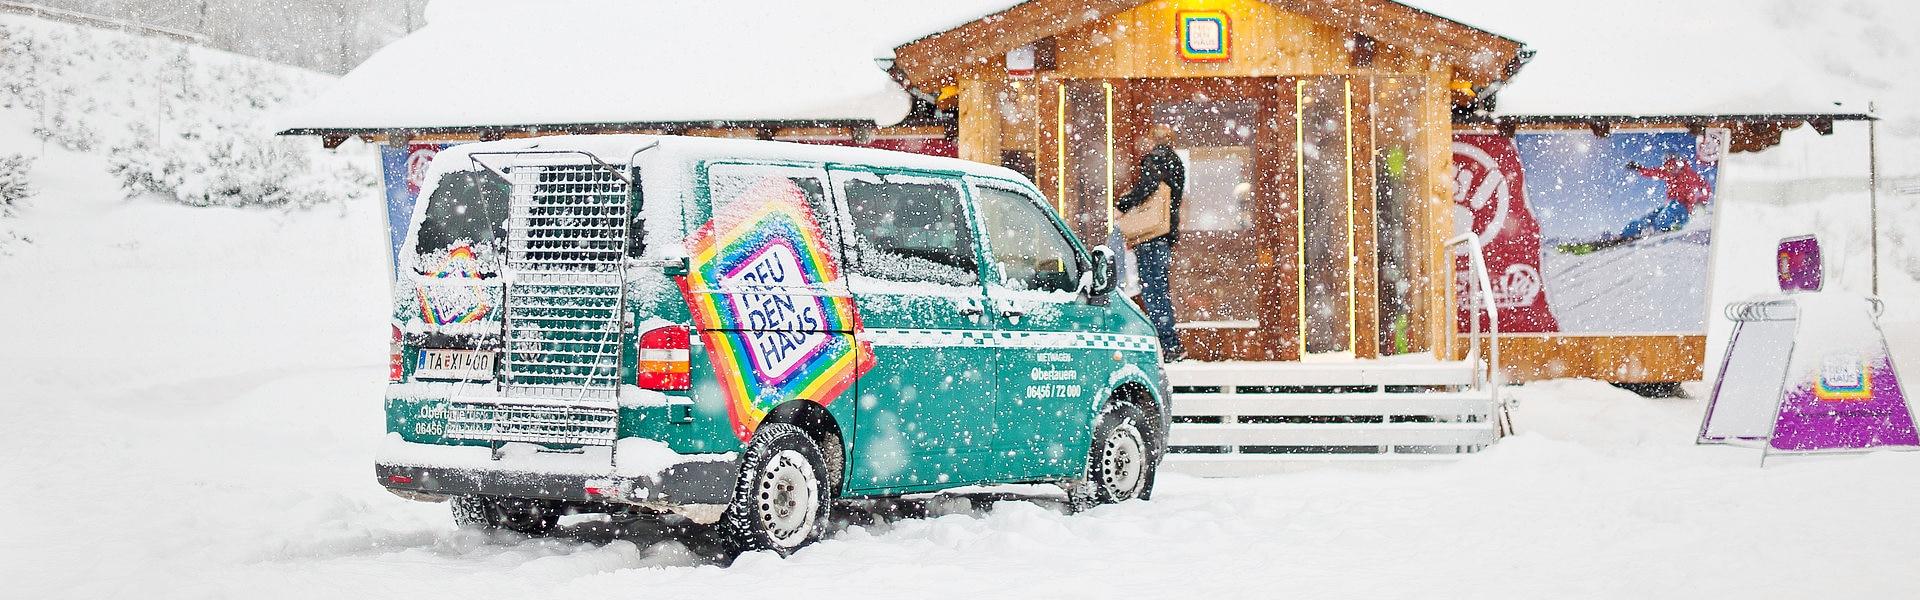 Auto vor Haus in Schnee während es schneit